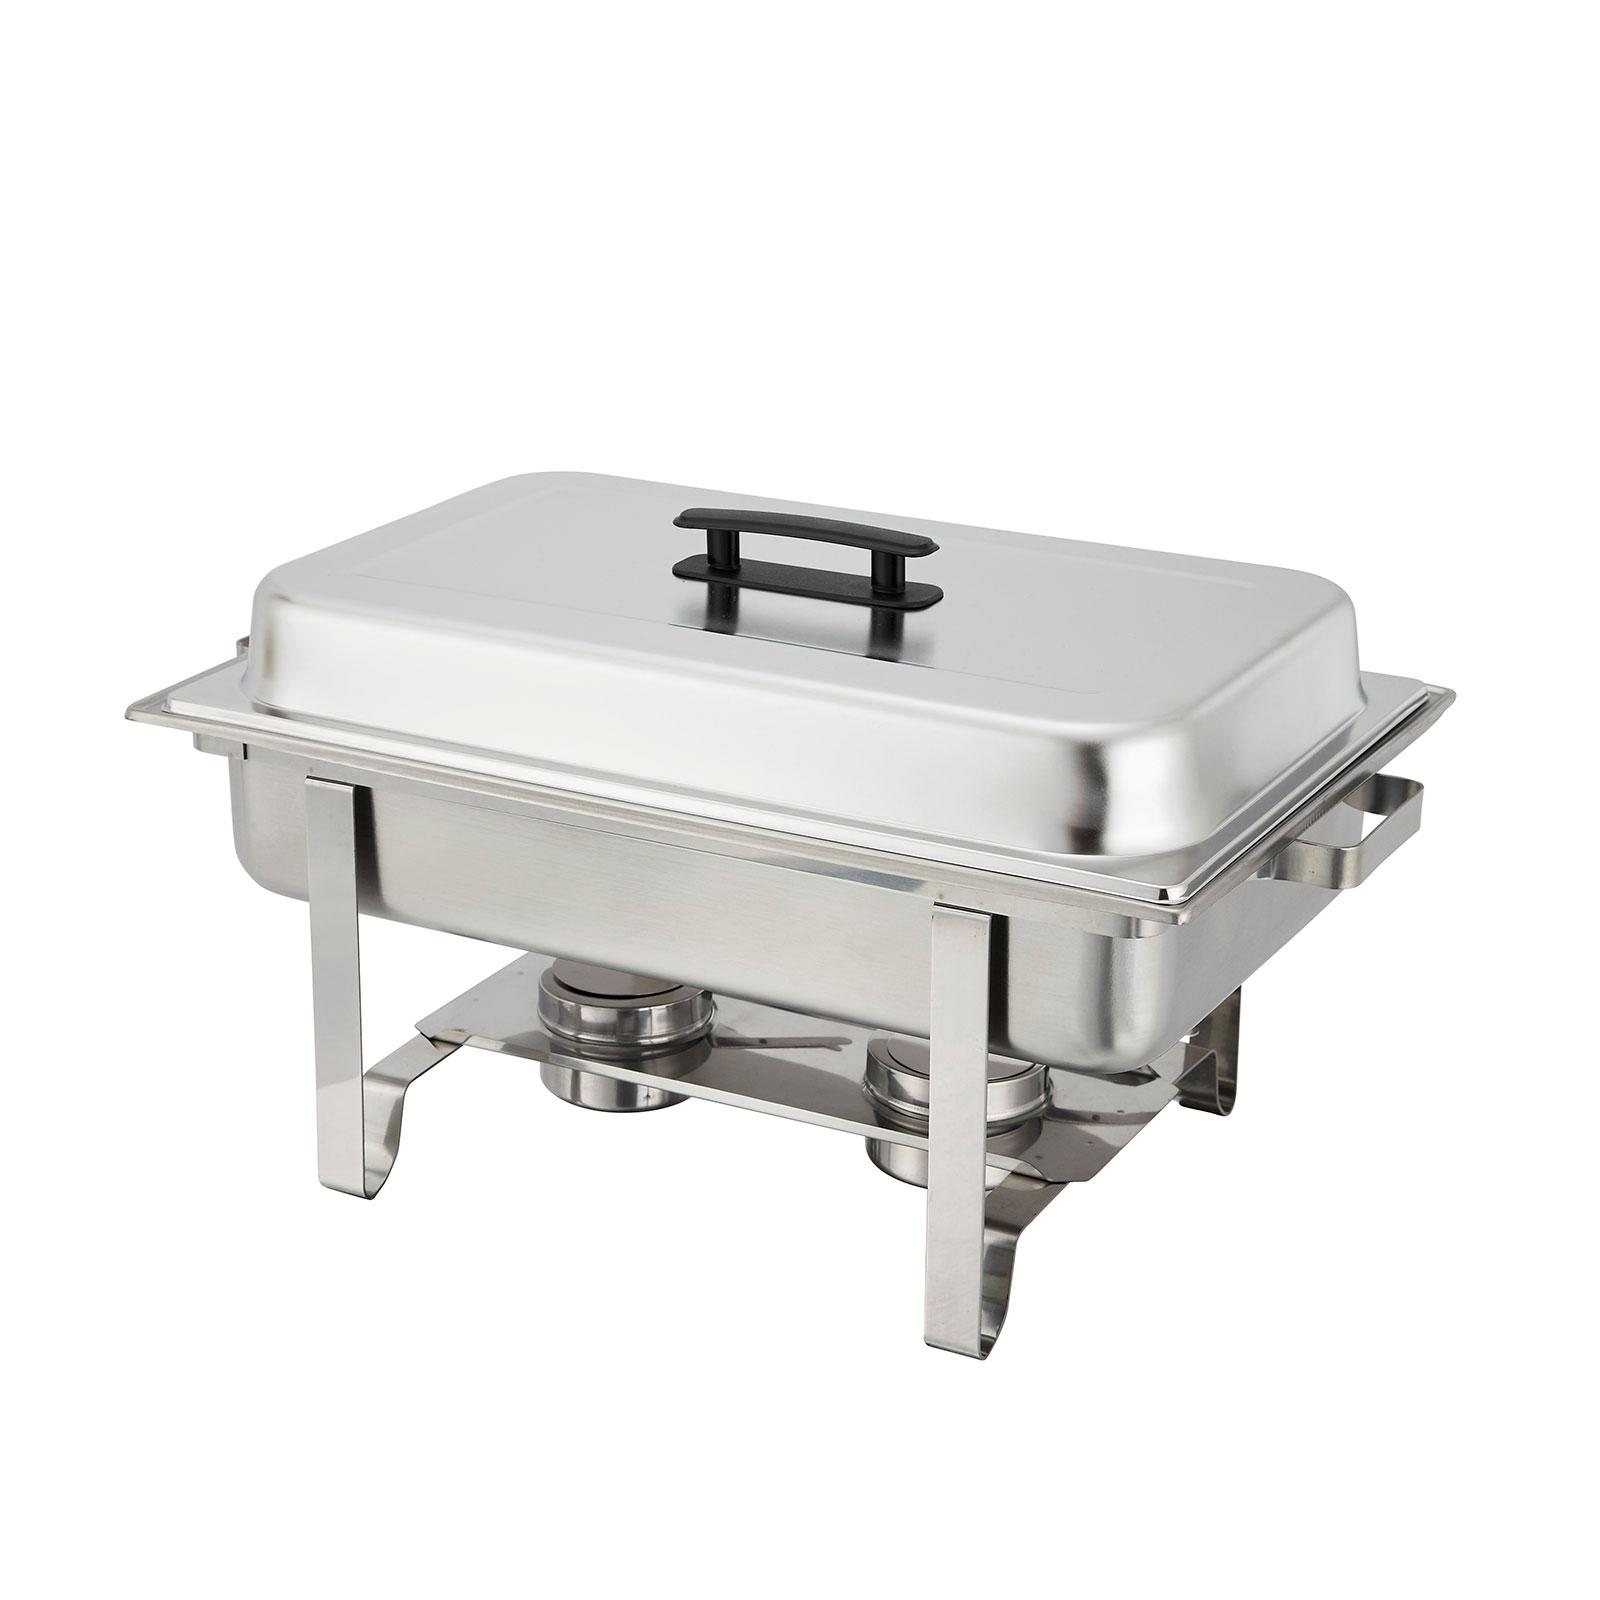 Winco C-3080B chafing dish